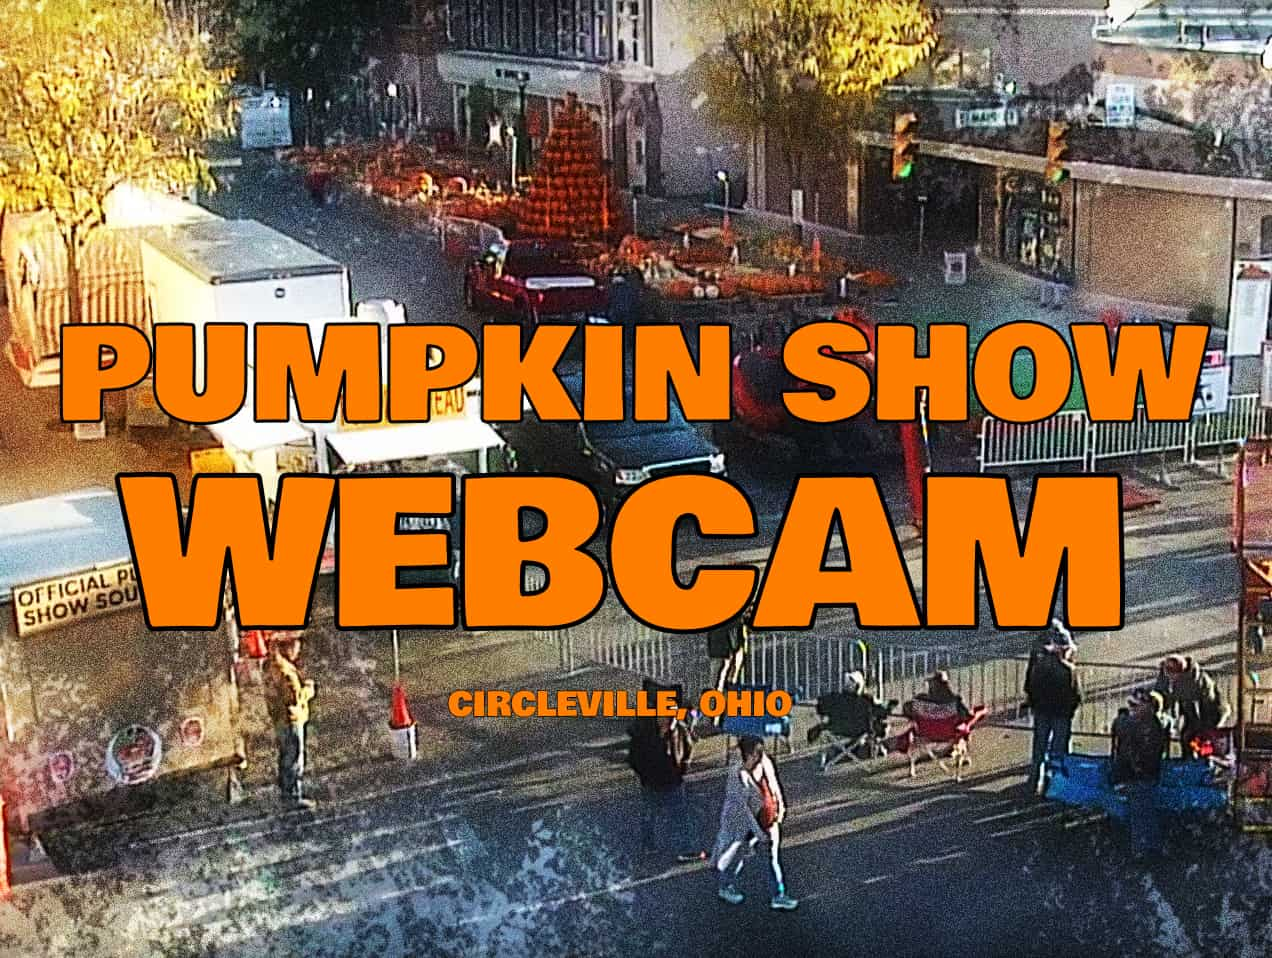 pumpkin show webcam 2019